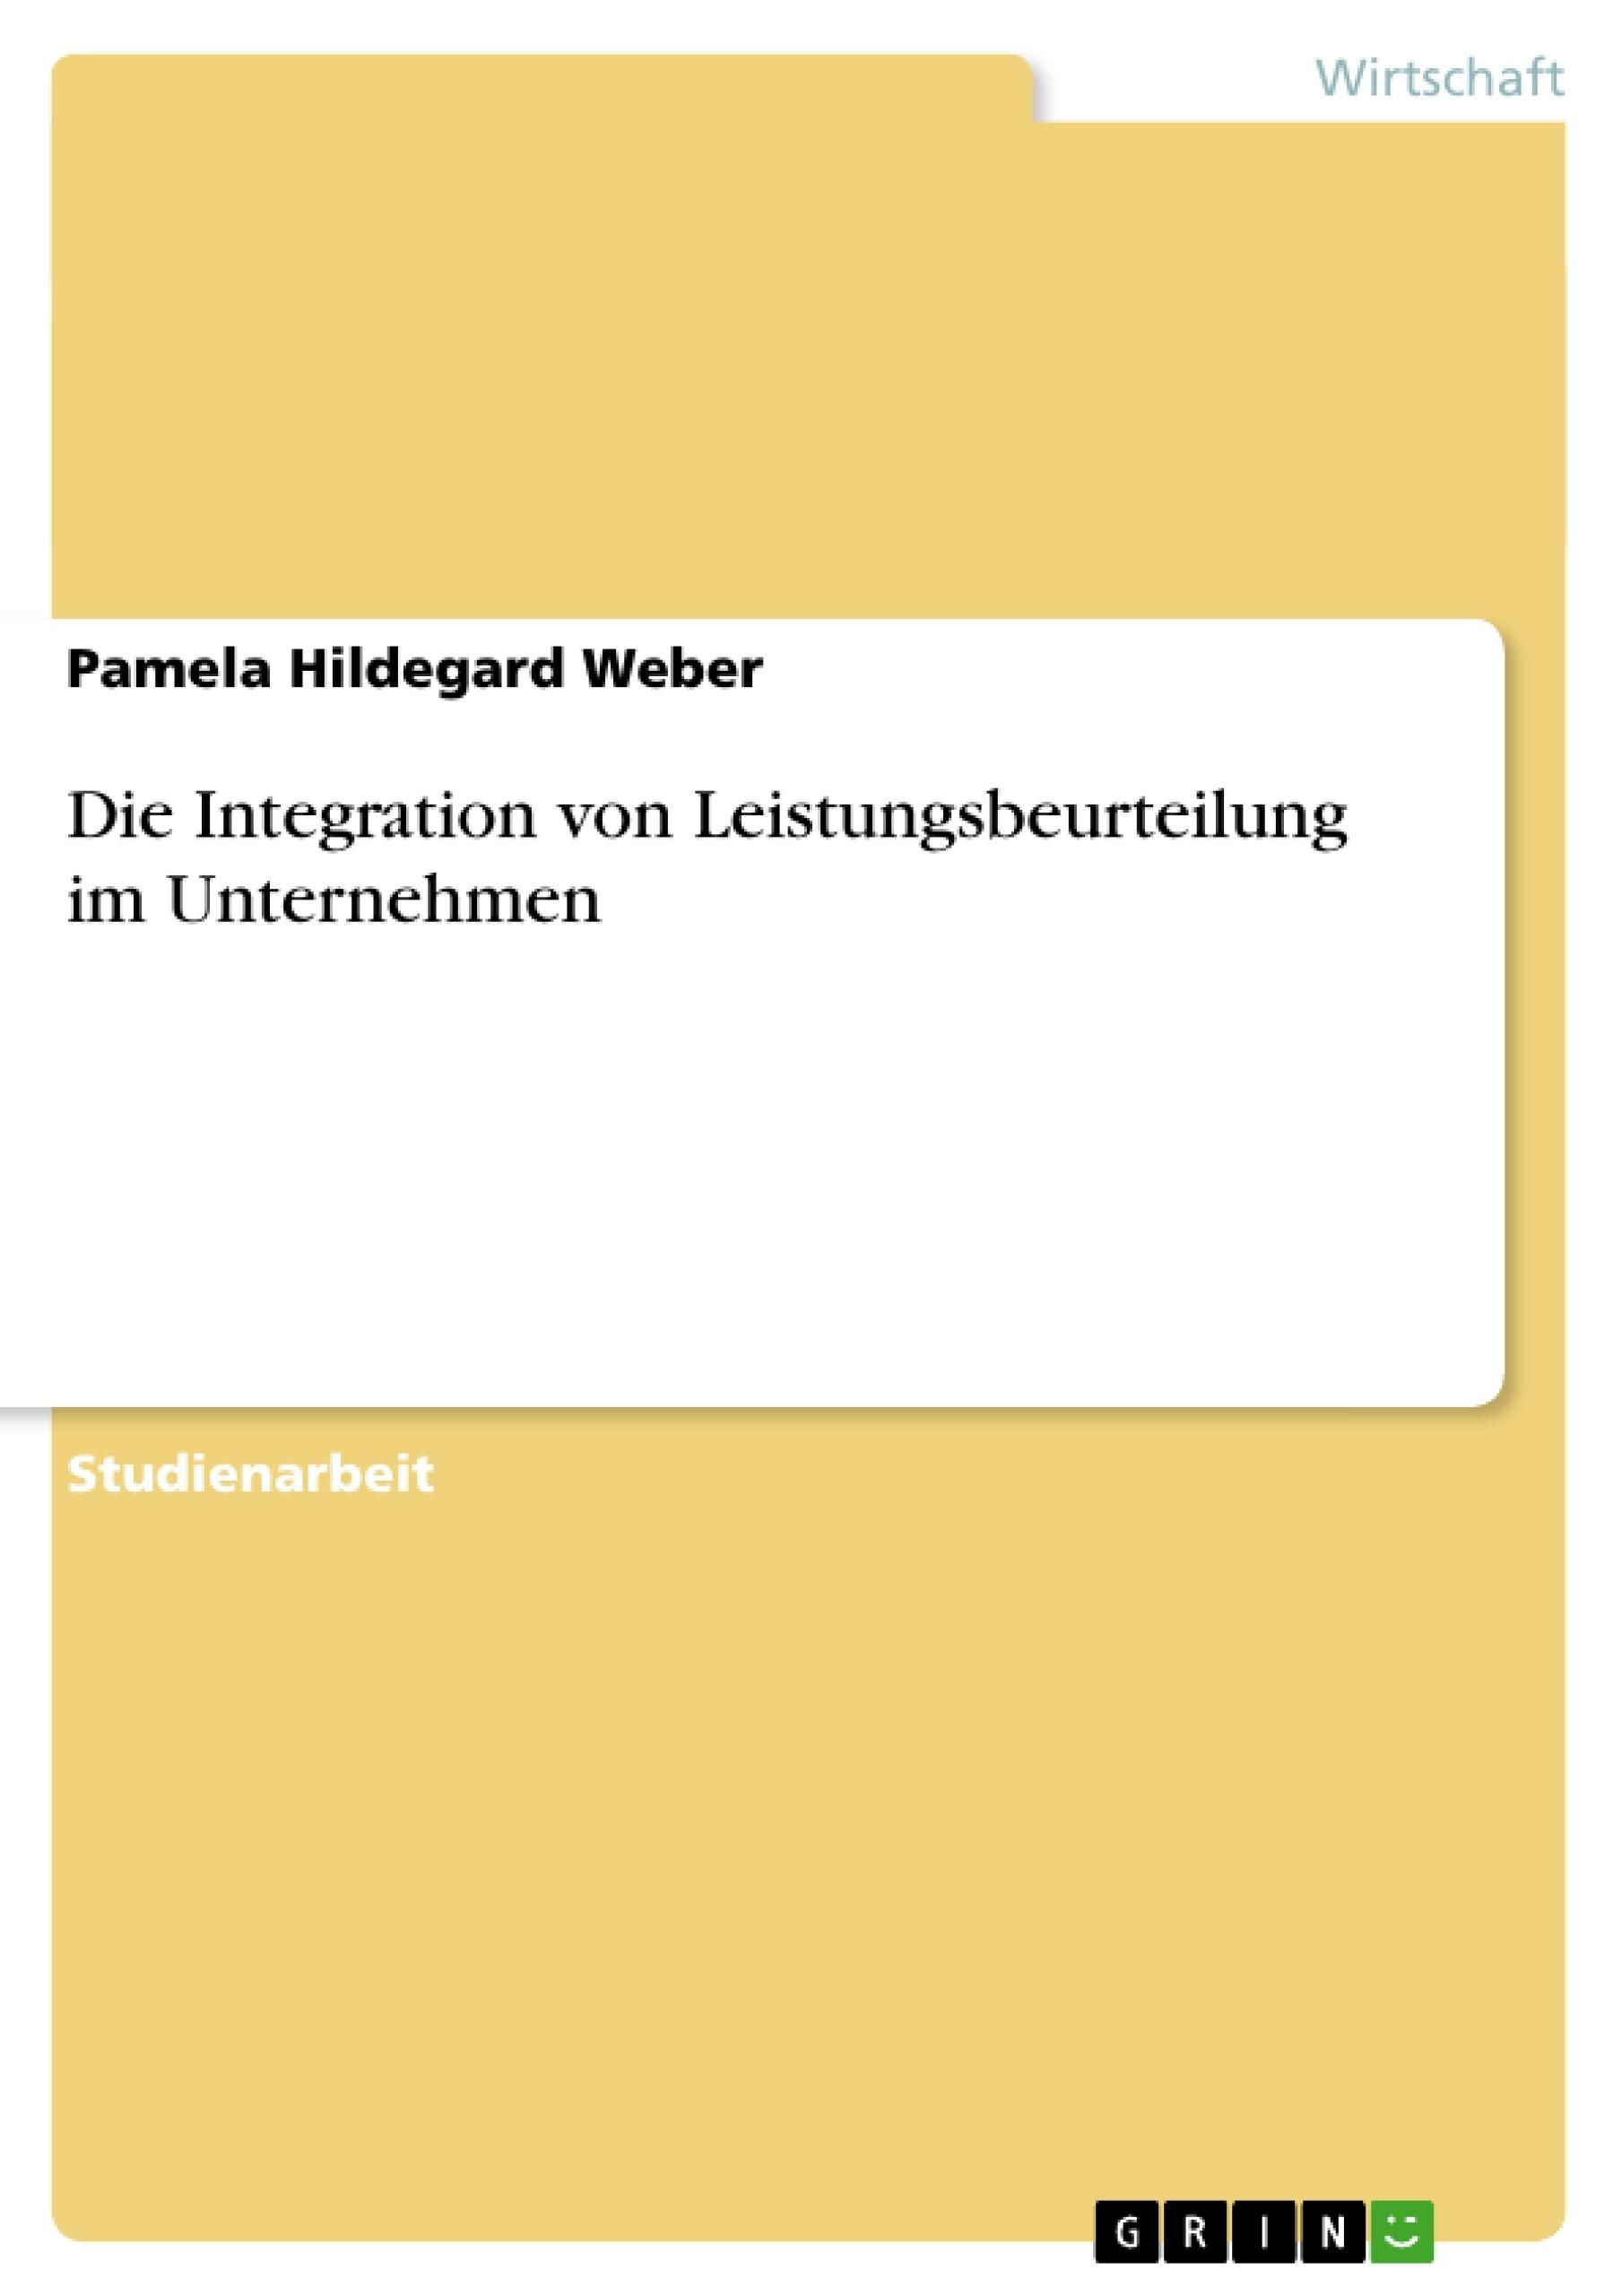 Titel: Die Integration von Leistungsbeurteilung im Unternehmen